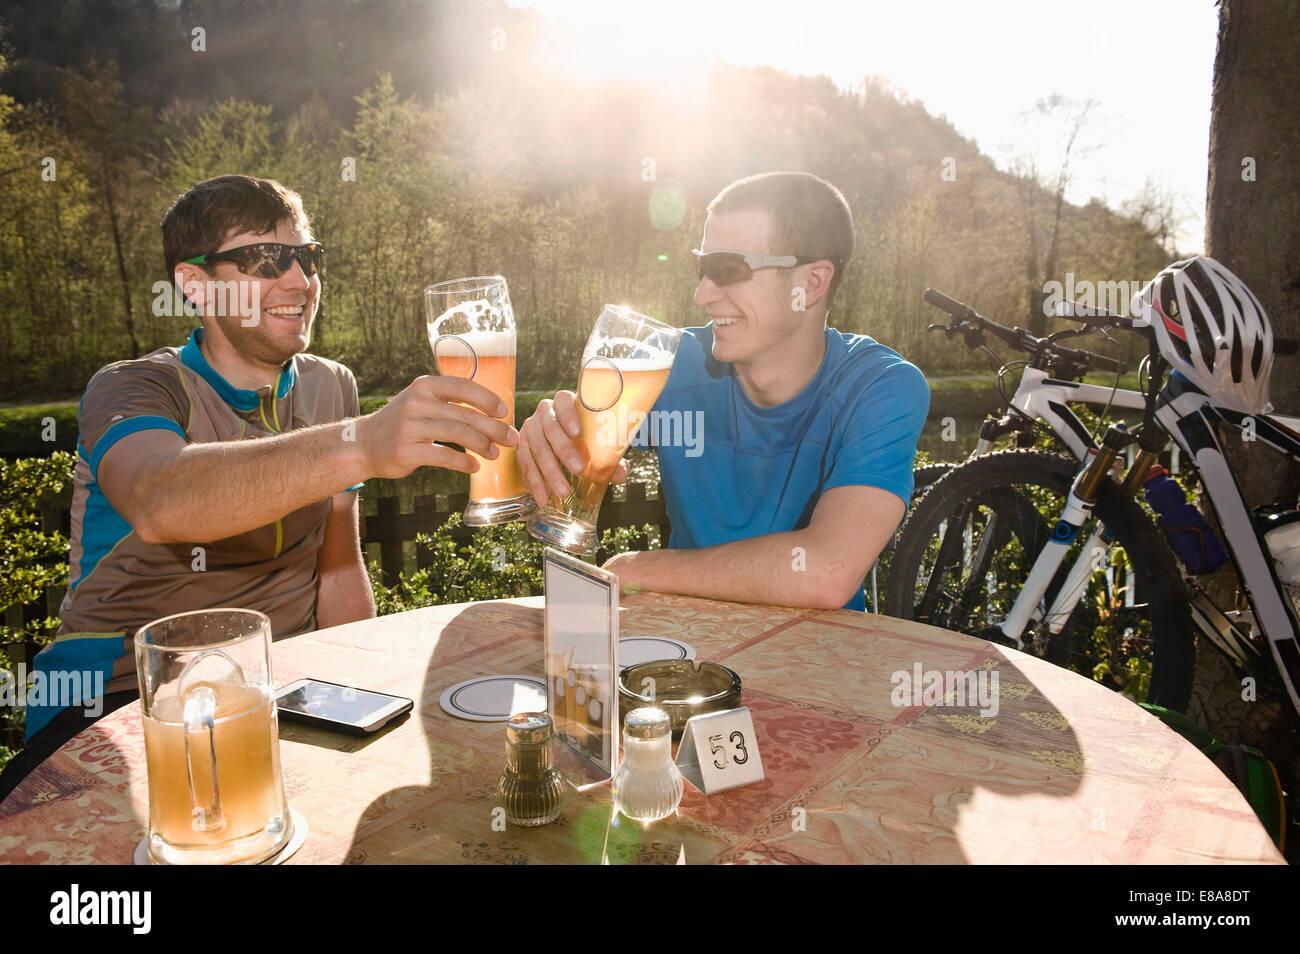 Junge Männer trinken Bier, Bayern, Deutschland Stockbild